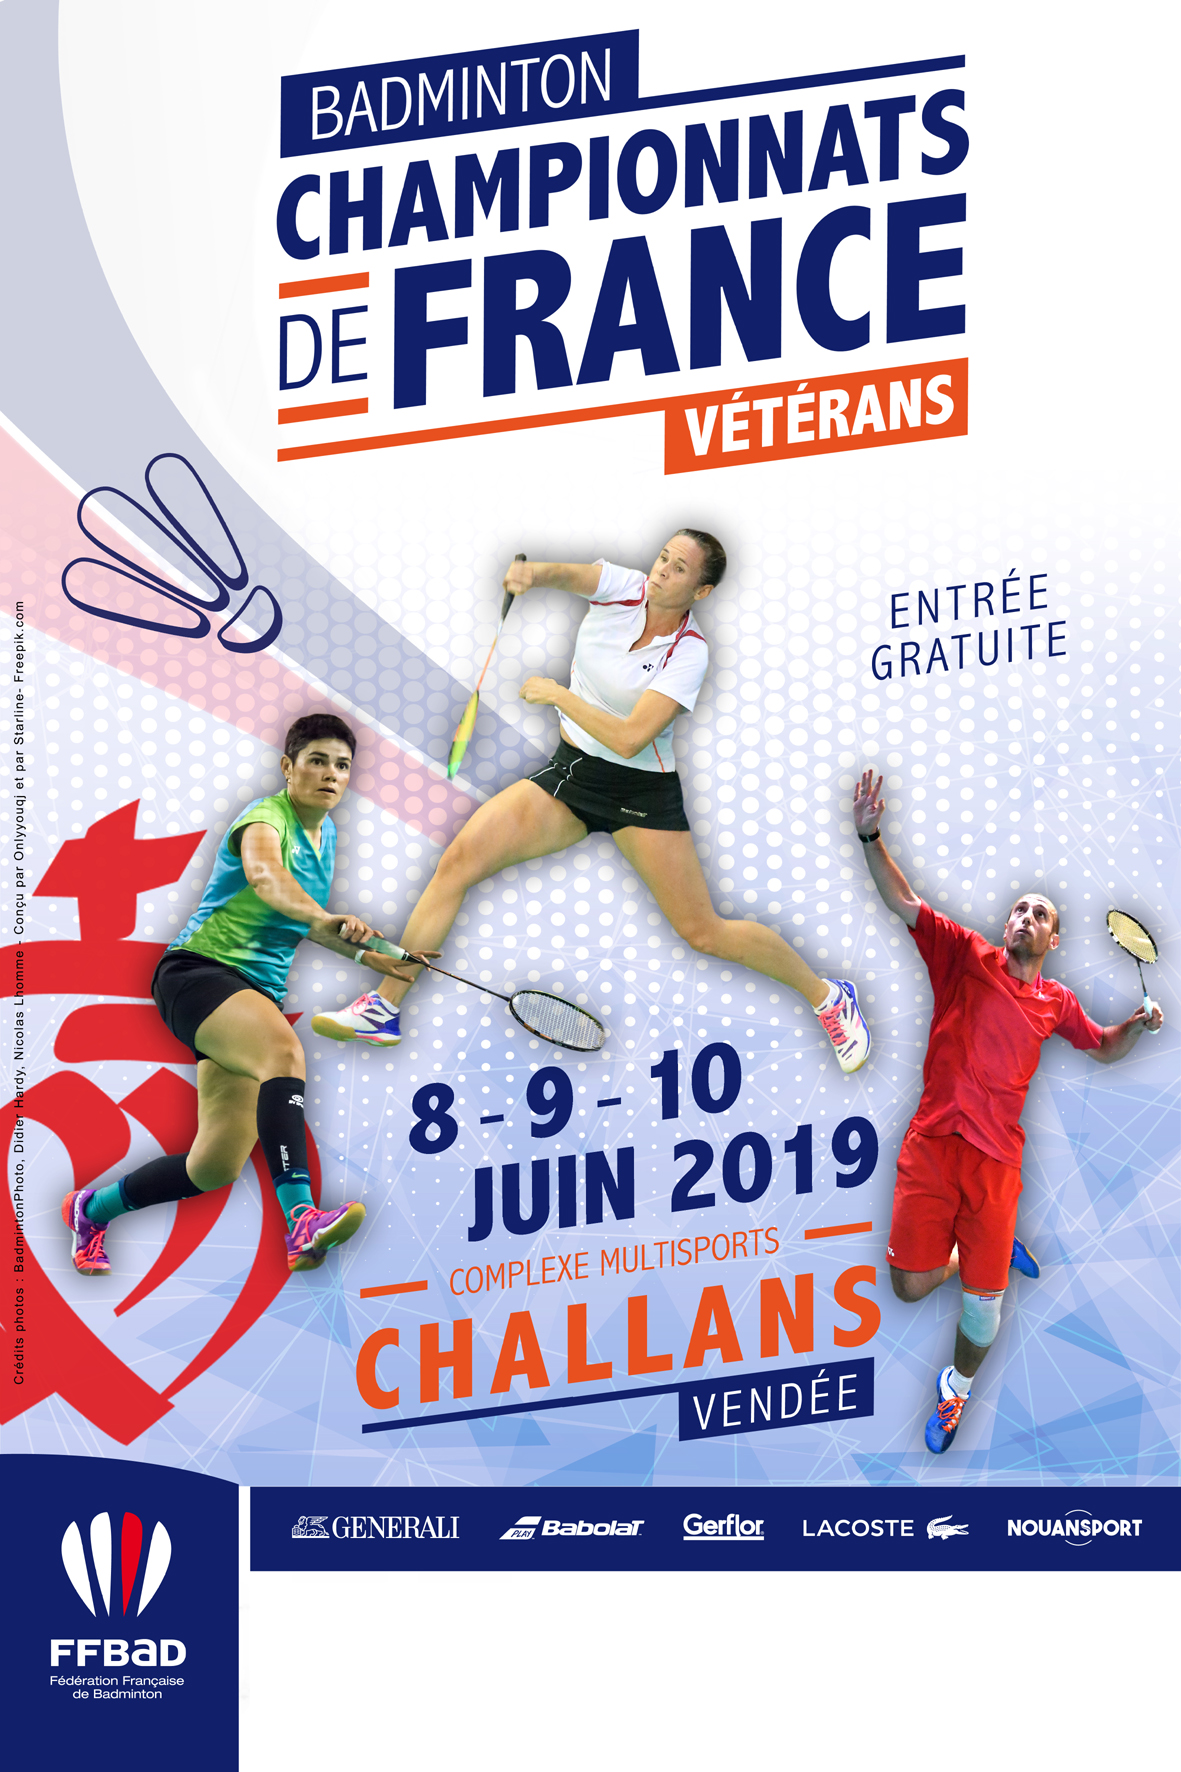 CHAMPIONNATS DE FRANCE VÉTÉRANS 2019 !